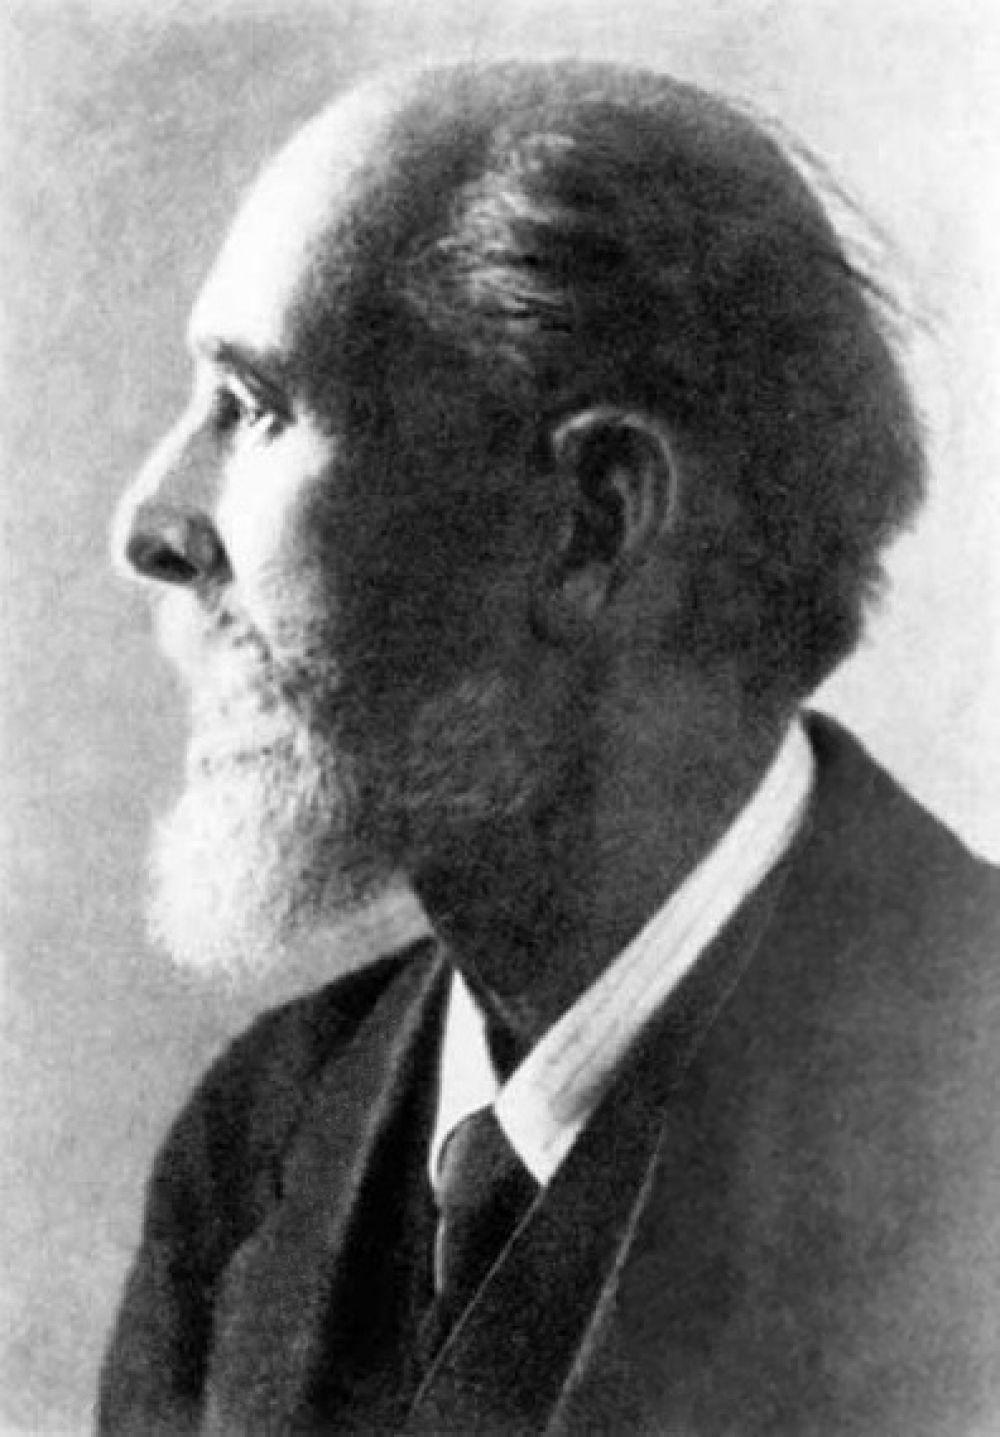 Карл Фаберже – самый известный ювелир в мире, положивший начало целой династии мастеров ювелирного искусства и основатель семейной фирмы. Родился в Санкт-Петербурге, но ювелирному делу учился в Германии.